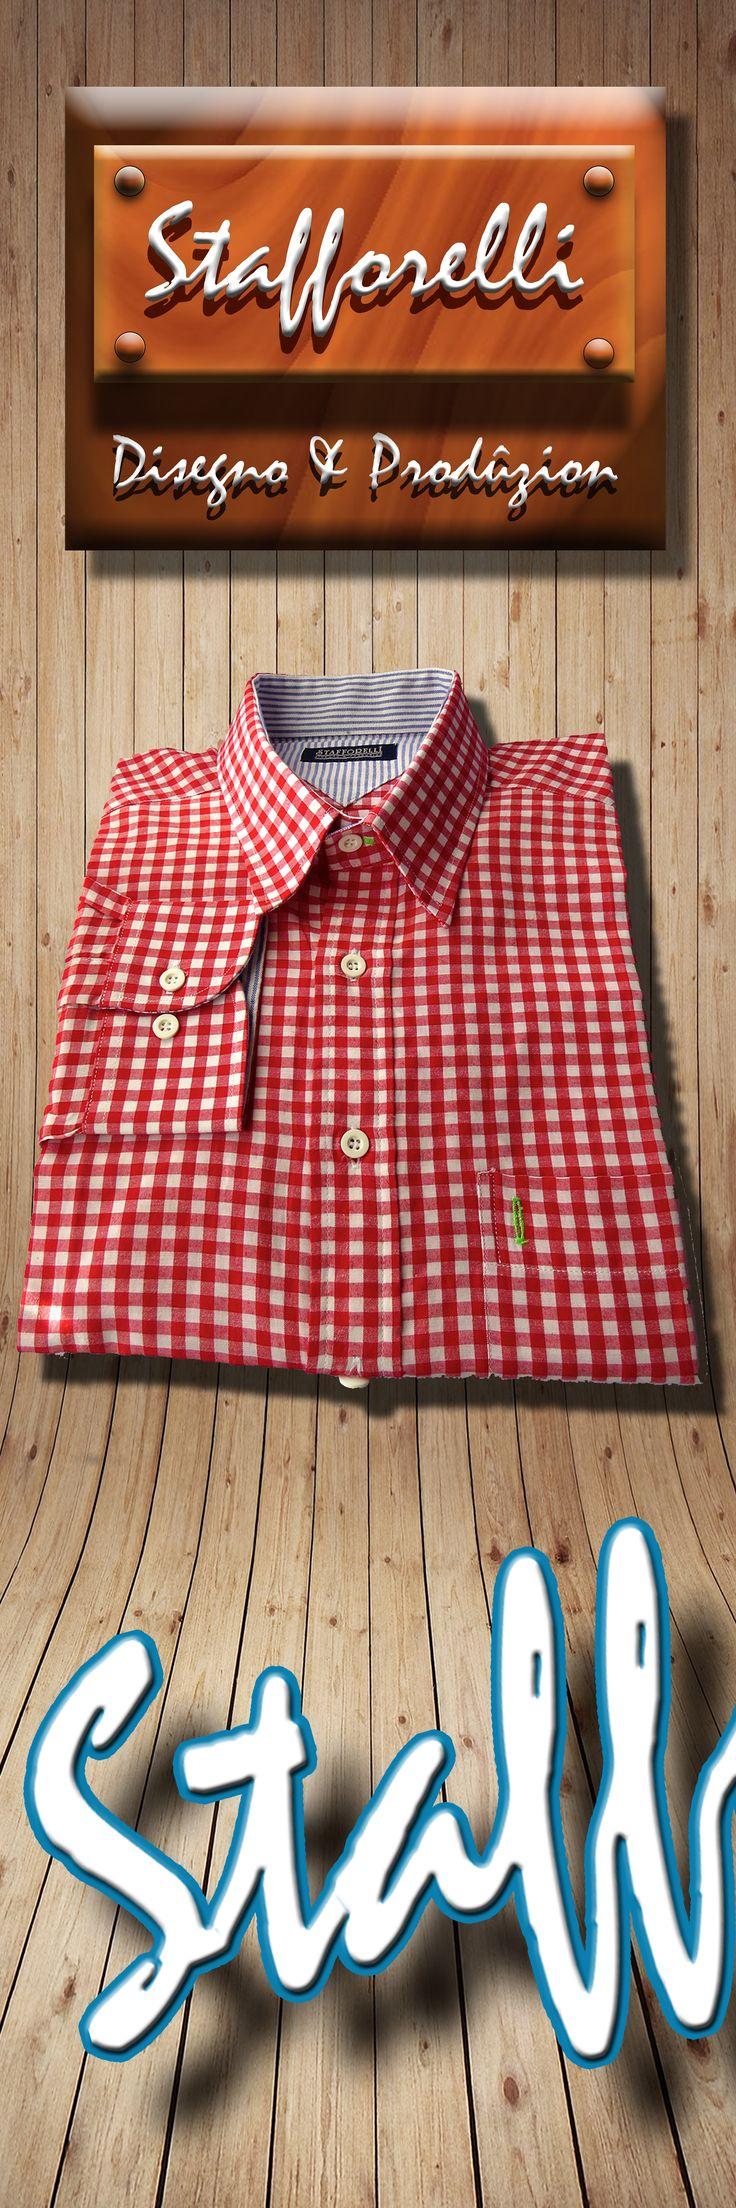 Stafforelli Diseño y Producción / Ropa Stafforelli Disegno & Prodûzion, diseña ropa corporativa y publicitaria que es la mejor carta de presentación para una empresa. Stafforelli Diseño y Producción / Ropa Corporativa, Publicitaria y de trabajo. http://stafforellidisegno.wix.com/ropa-corporativa  Whatsapp +56 9 45784068 / +56 9 97101189 https://twitter.com/stafforelli_D